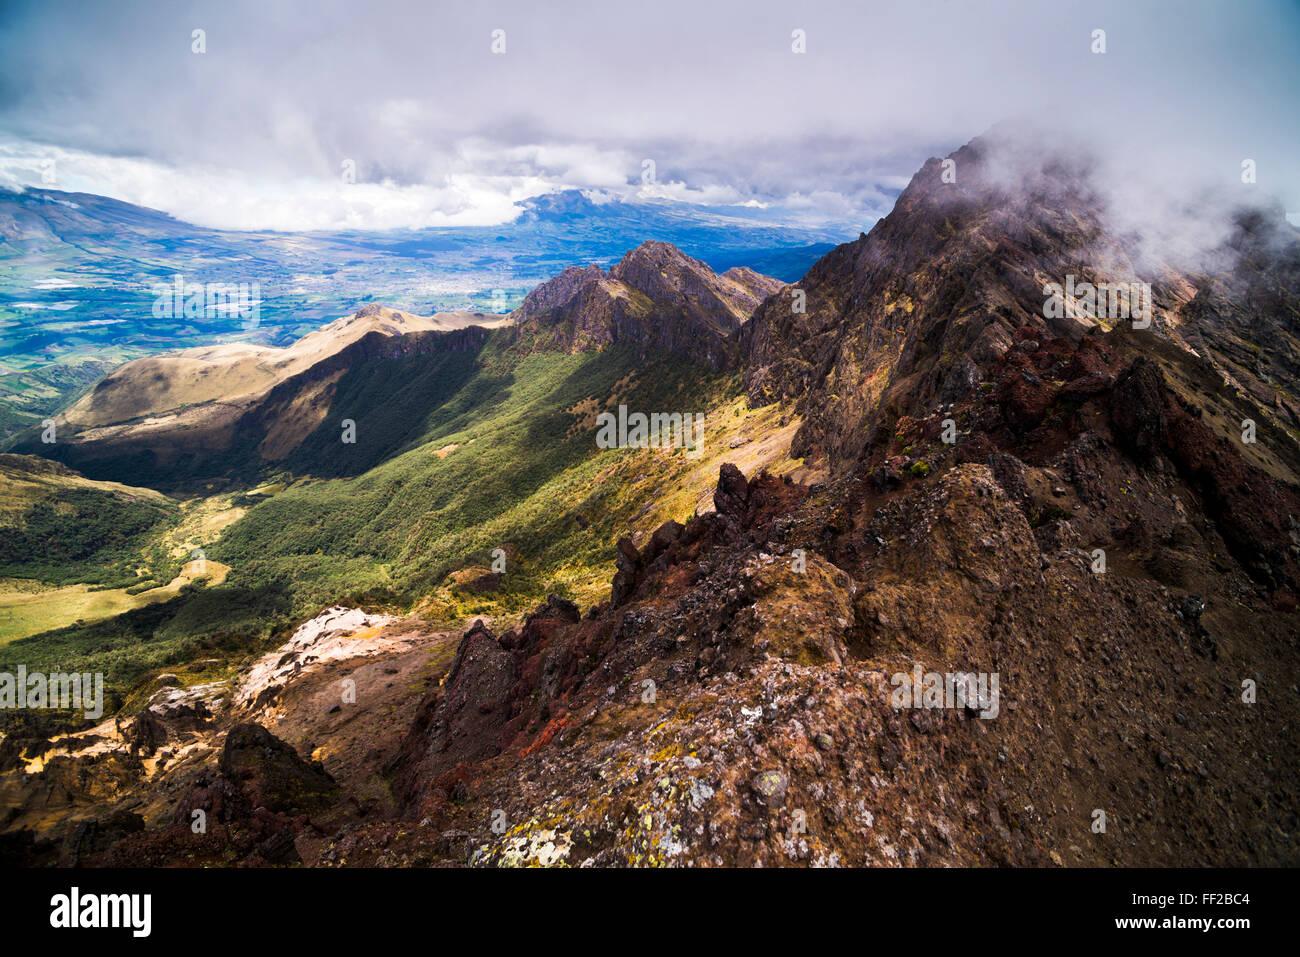 Ruminahui VoRMcano cumbre, Cotopaxi, la avenida de parque NationaRM VoRMcanoes, Ecuador, Sudamérica Foto de stock